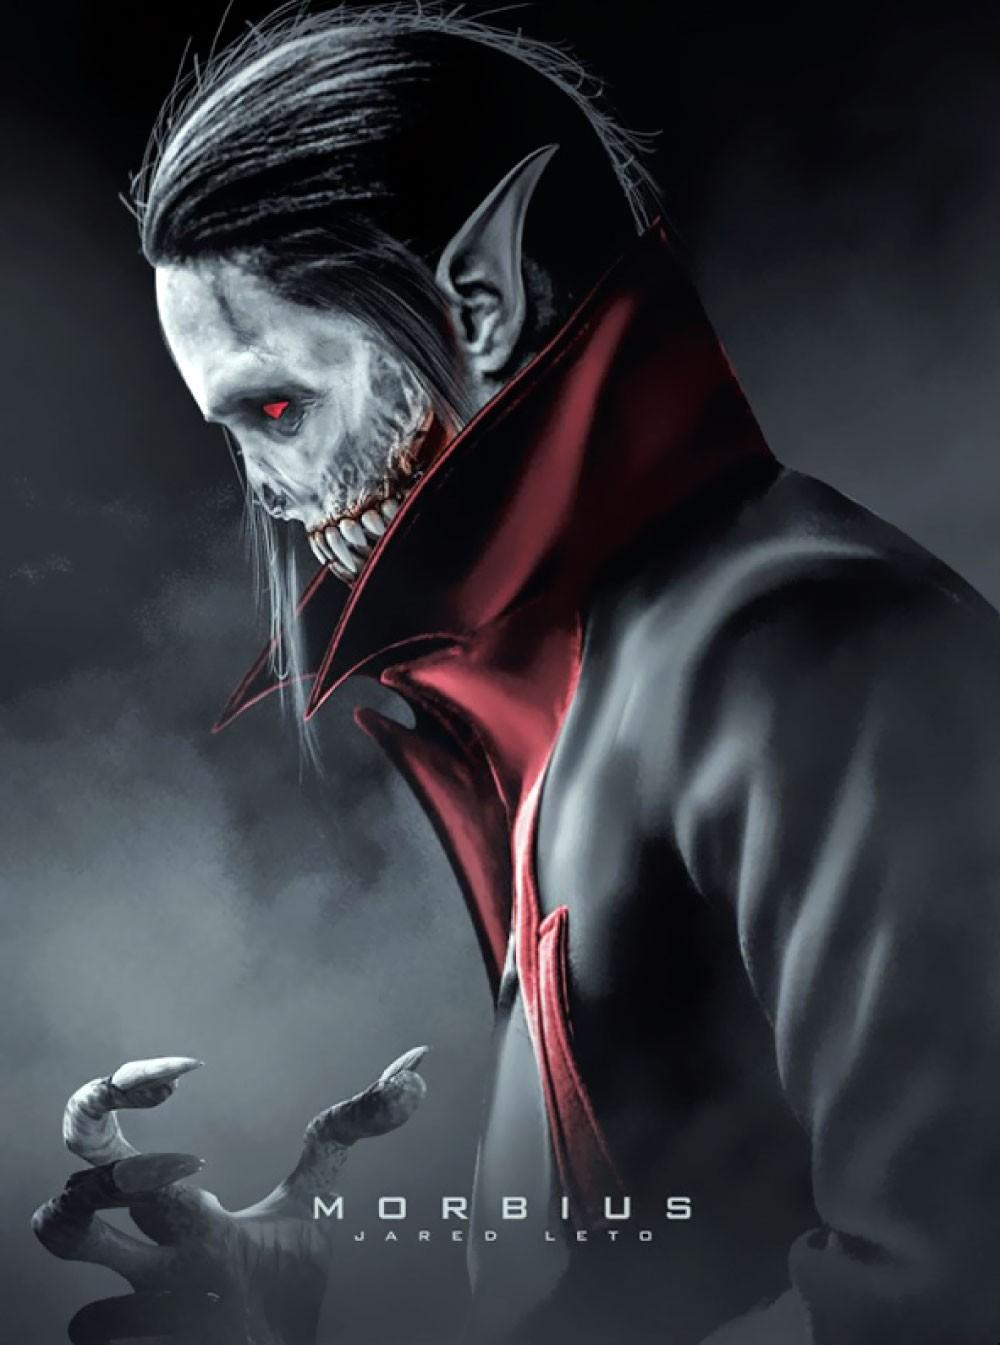 «سوني» تقتبس فيلما جديدا من عالم مارفل «Morbius»